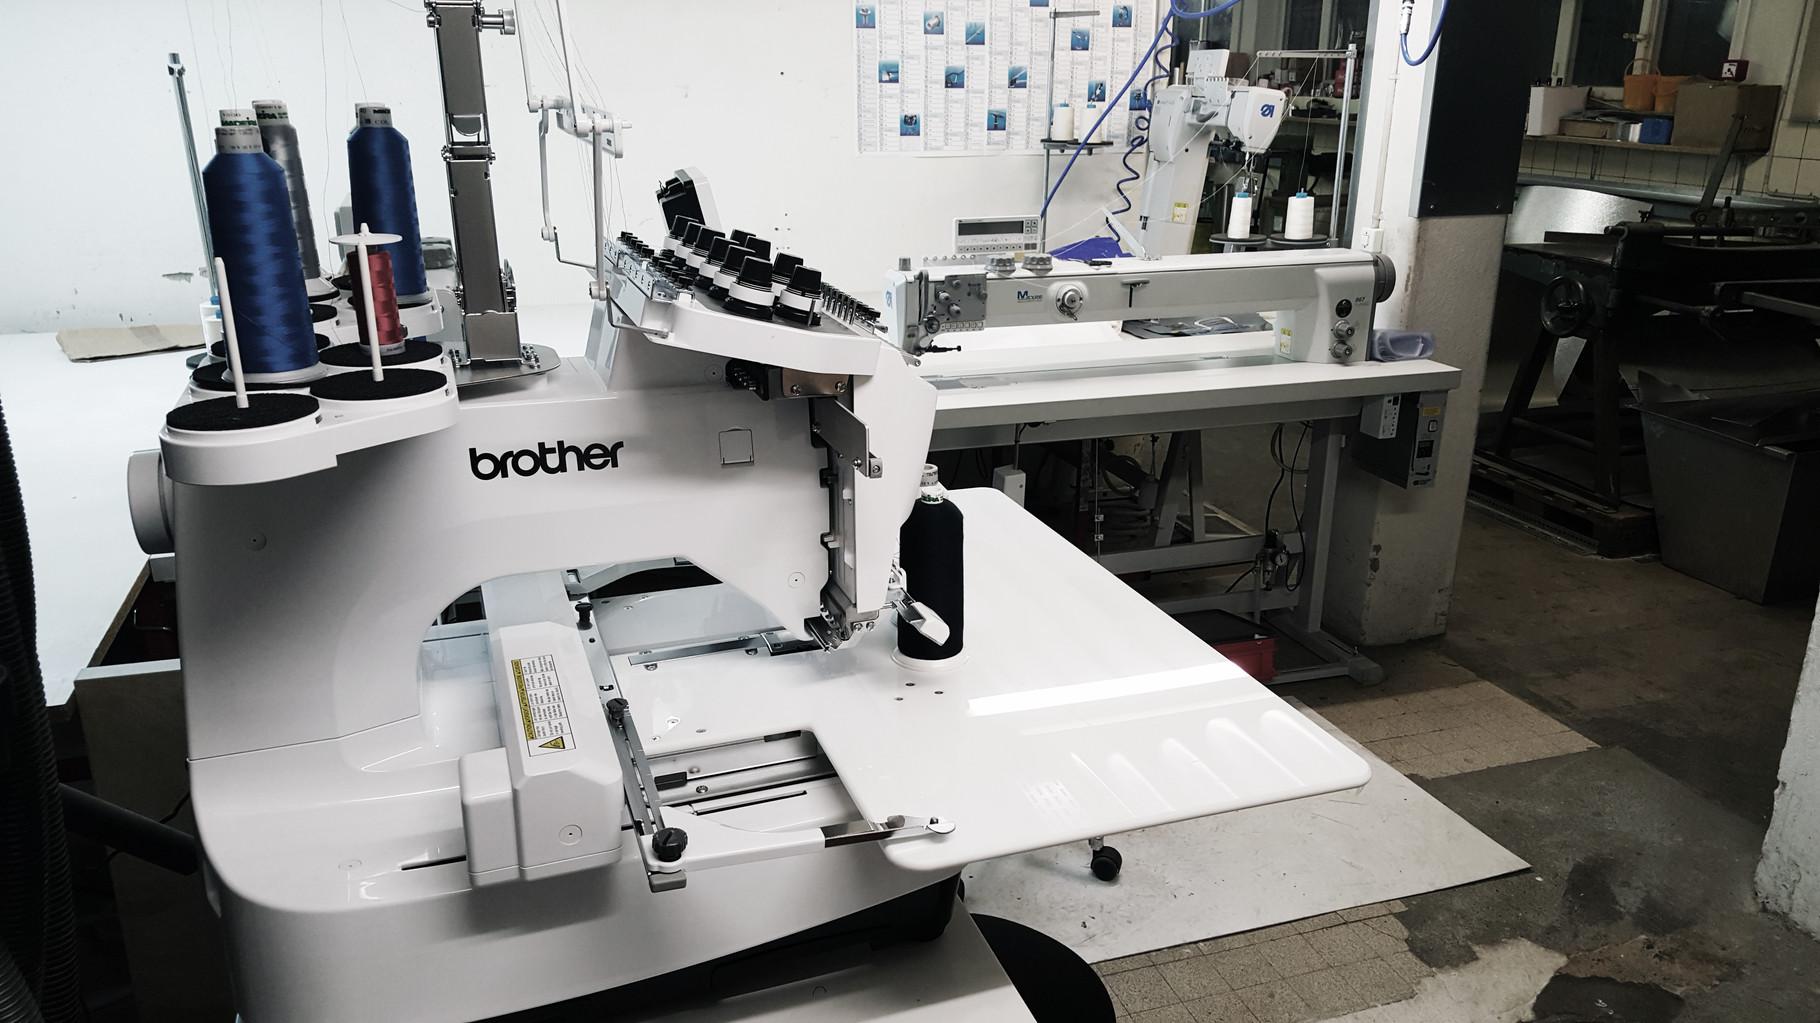 Nähmaschinen zur Herstellung von Armaturenkissen